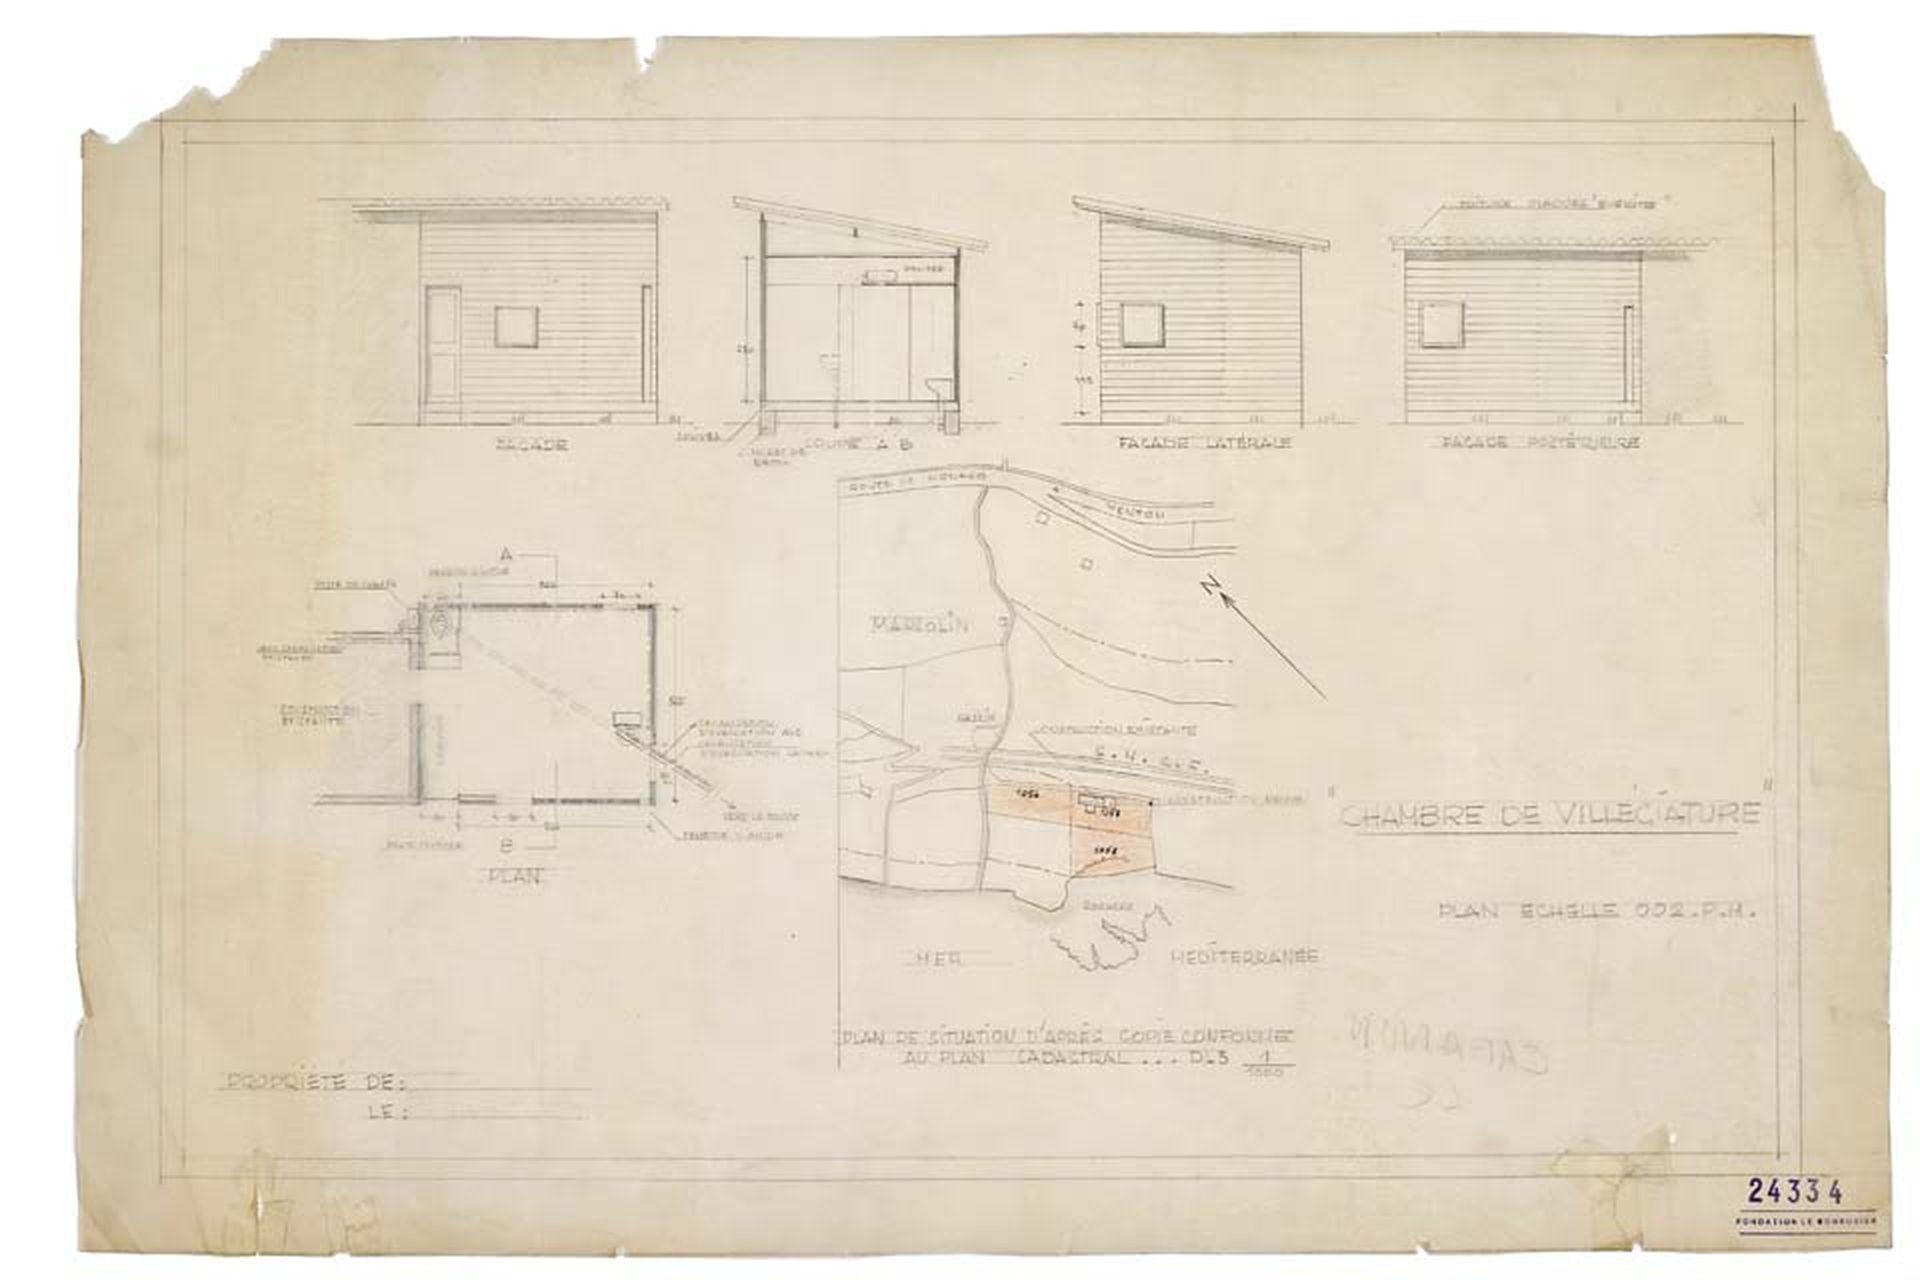 Bocetos de Le Cabanon, el refugio de Le Corbusier con sus refinados 16m2. Cuarenta y cinco minutos le llevó a uno de los arquitectos más influyentes del siglo XX plasmar en papel las coordenadas definitivas de su utopía personal.